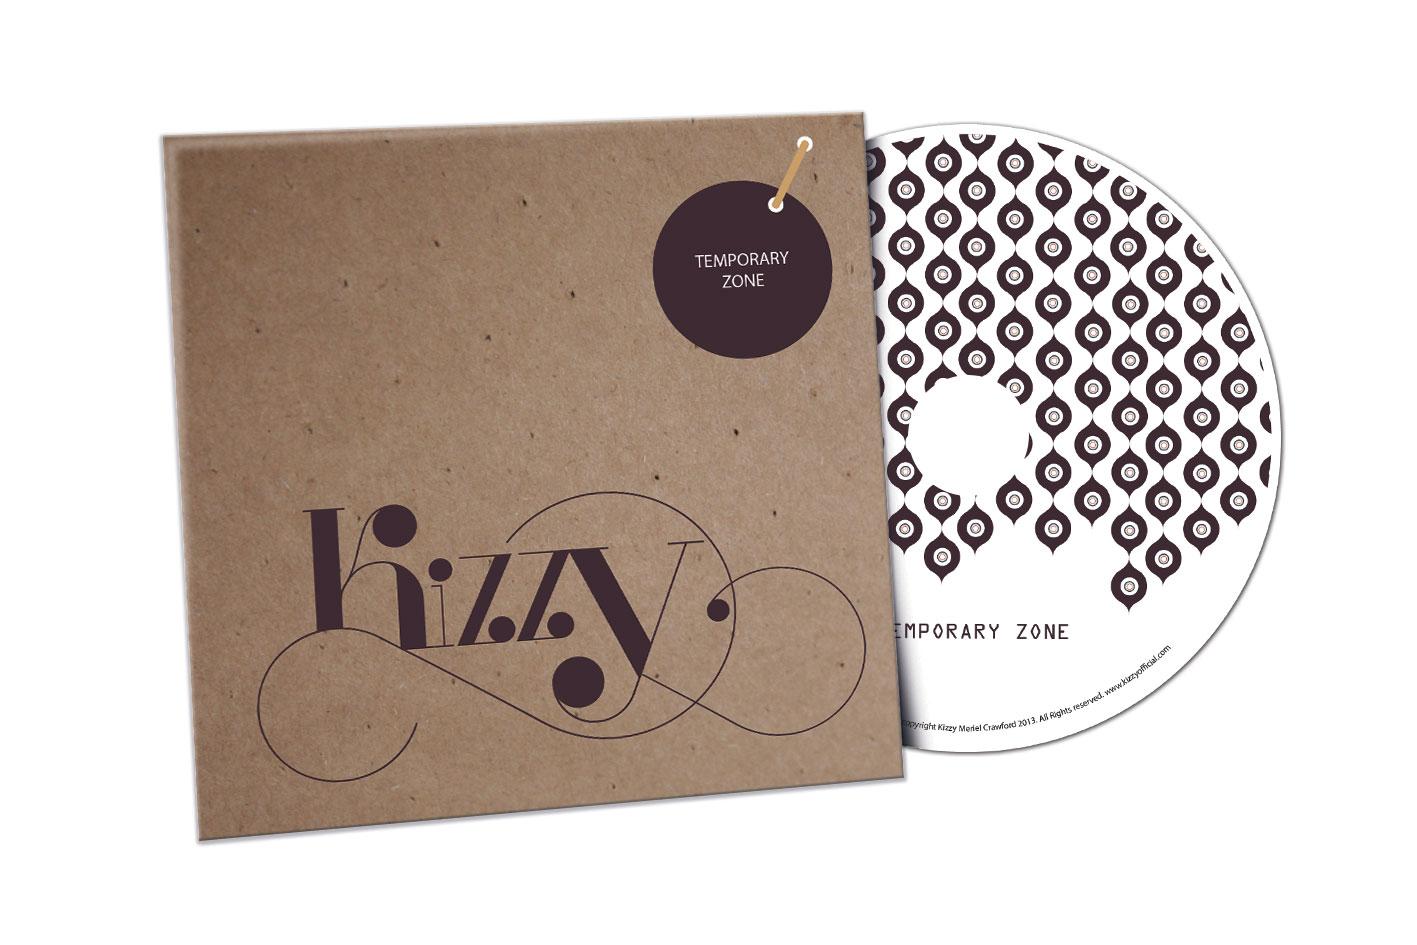 Kizzy-CD-Mock-up.jpg